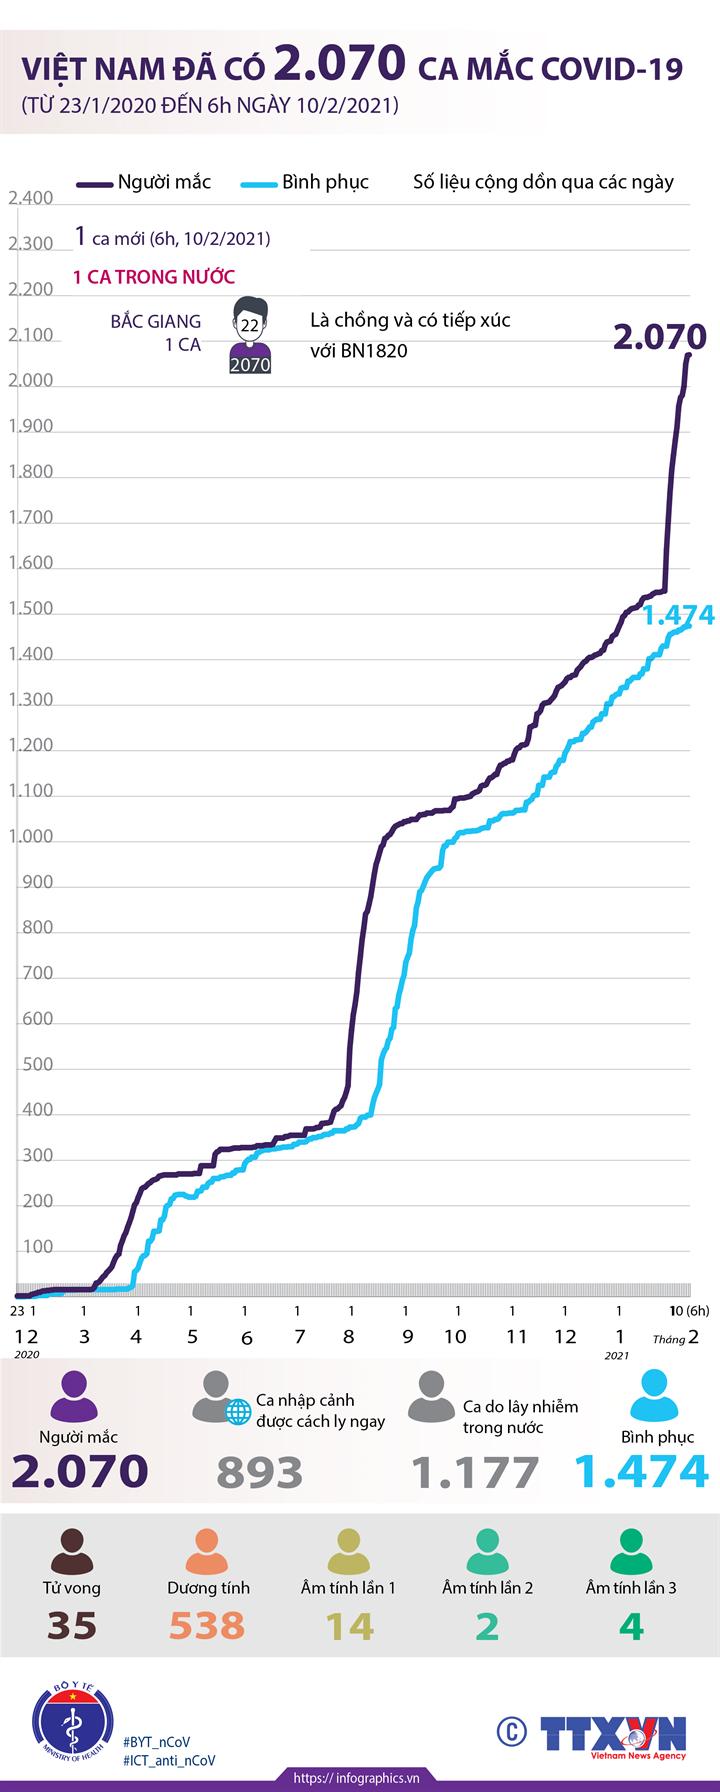 Việt Nam đã có 2.070 ca mắc COVID-19 (từ 23/1/2020 đến 6h ngày 10/2/2021)